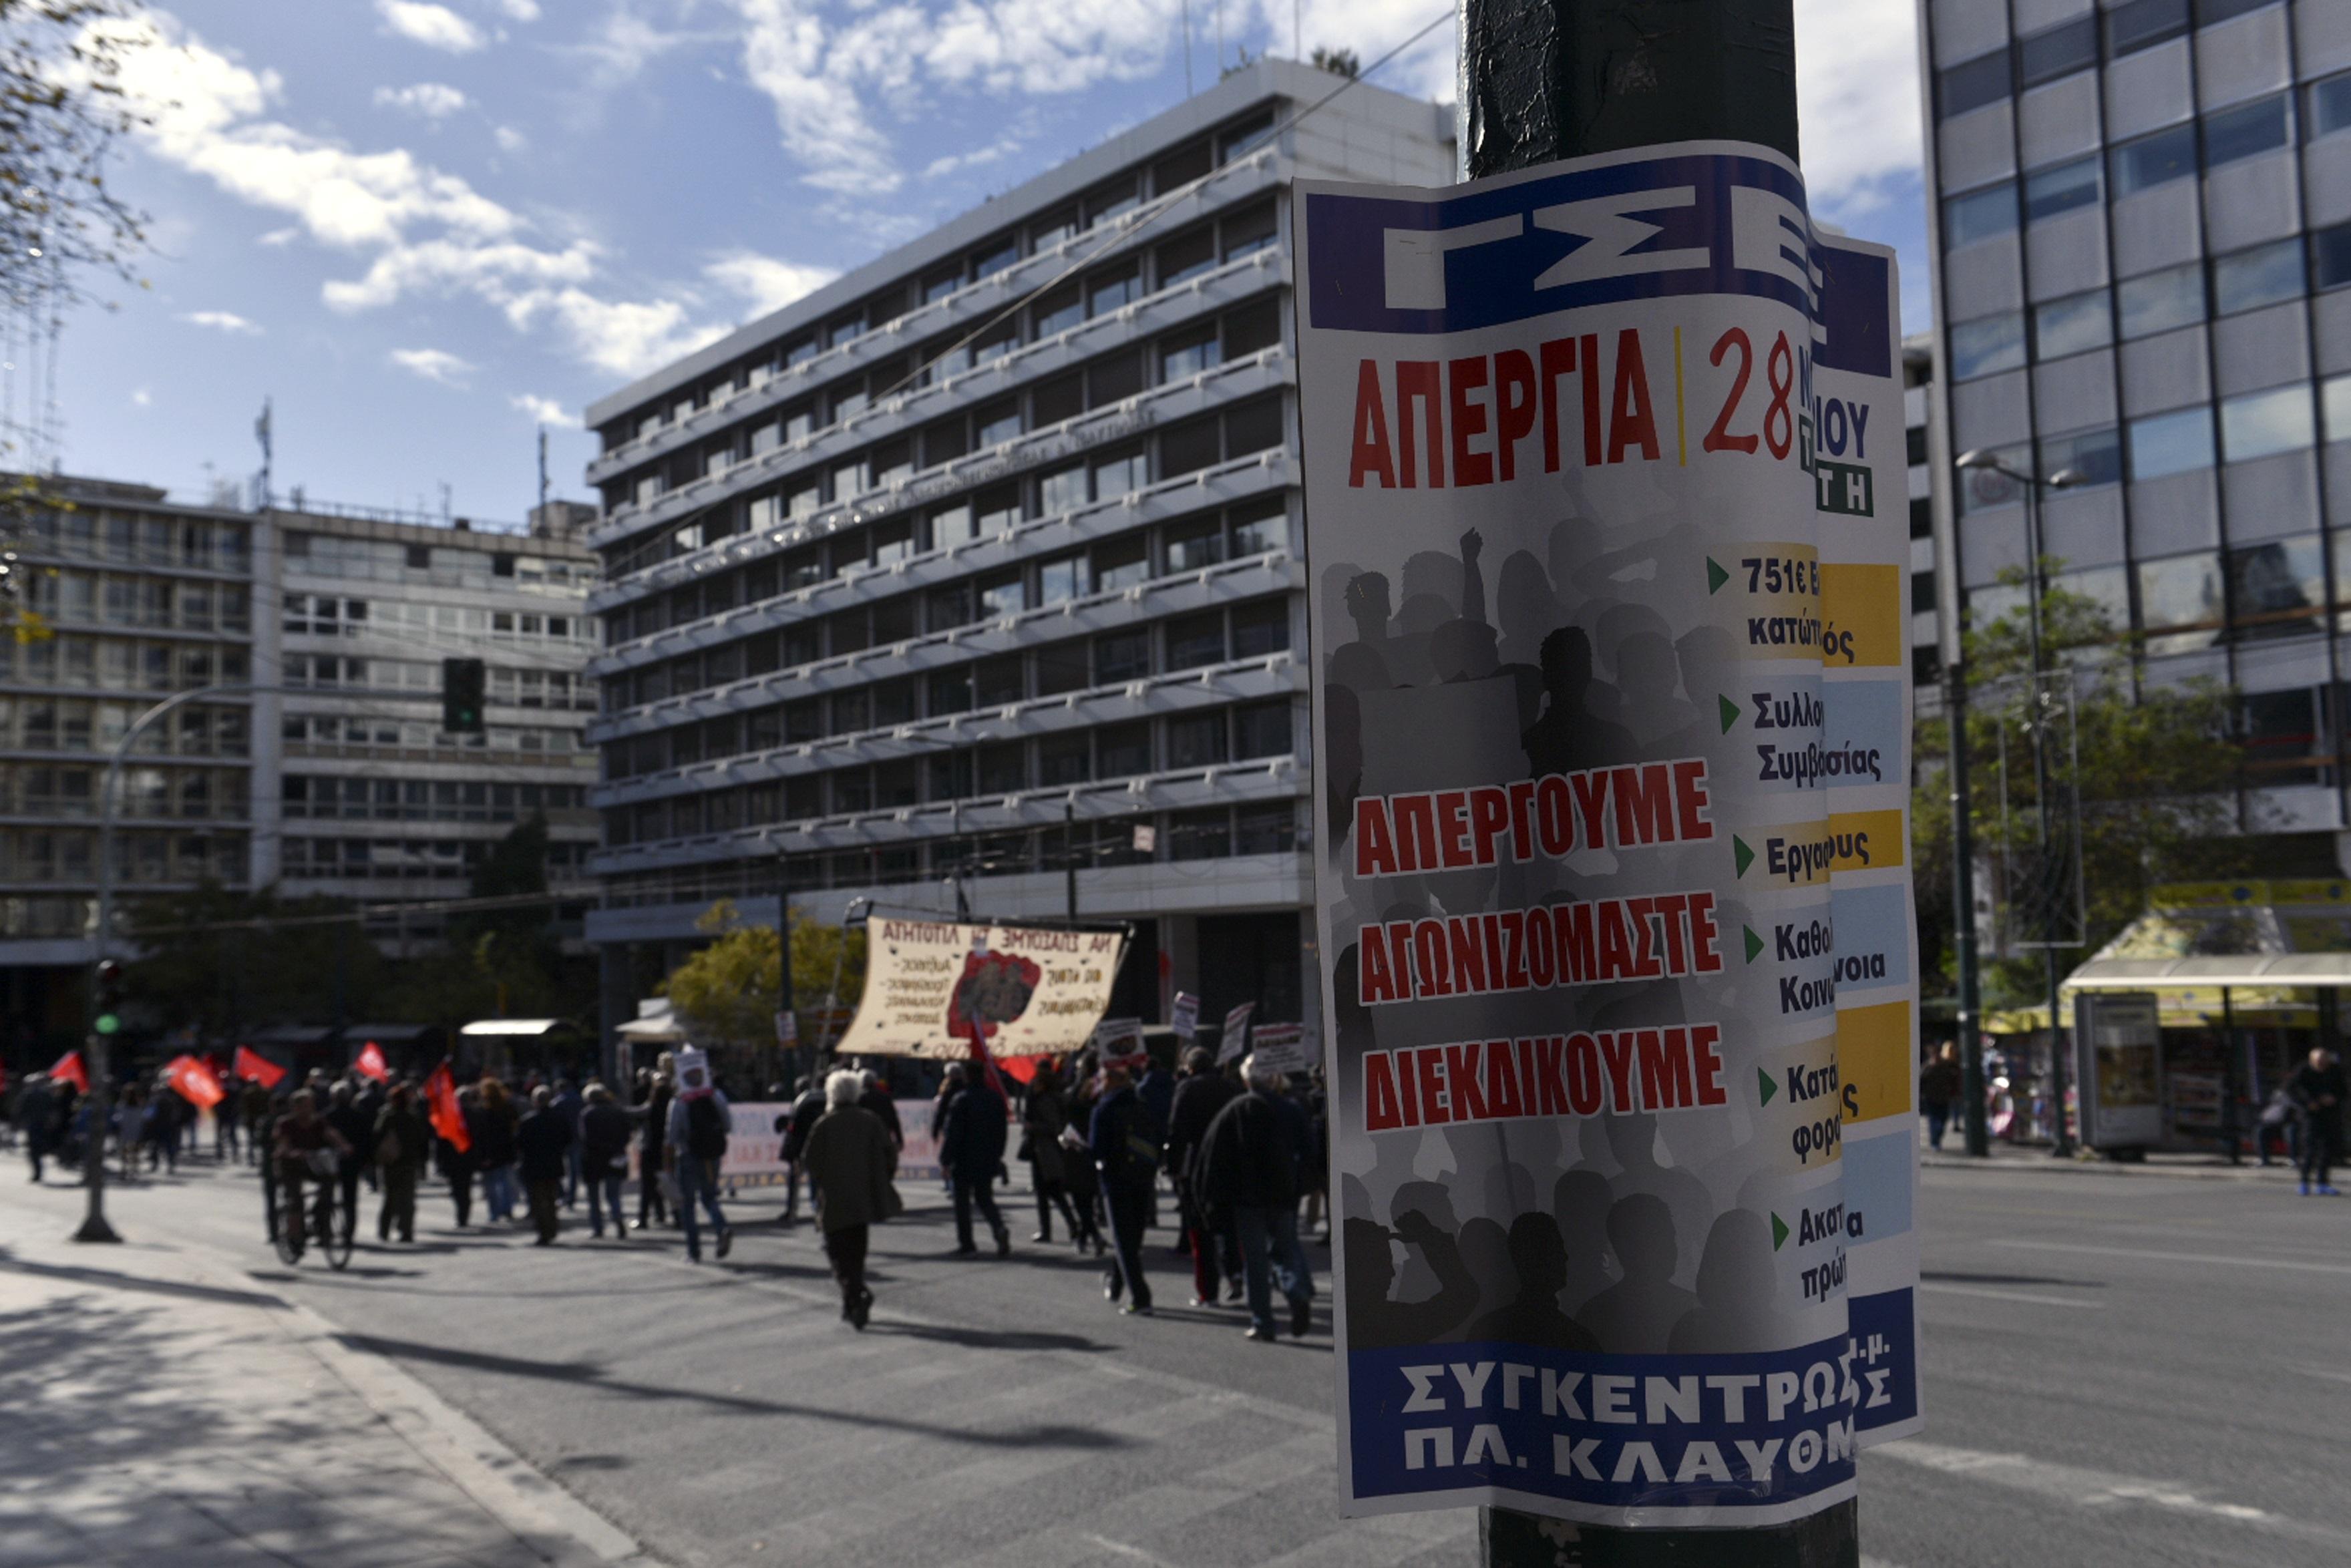 Απεργία 2 Οκτωβρίου: «Παραλύει» όλη η χώρα – Οι τελικές αποφάσεις για τα μέσα μεταφοράς!